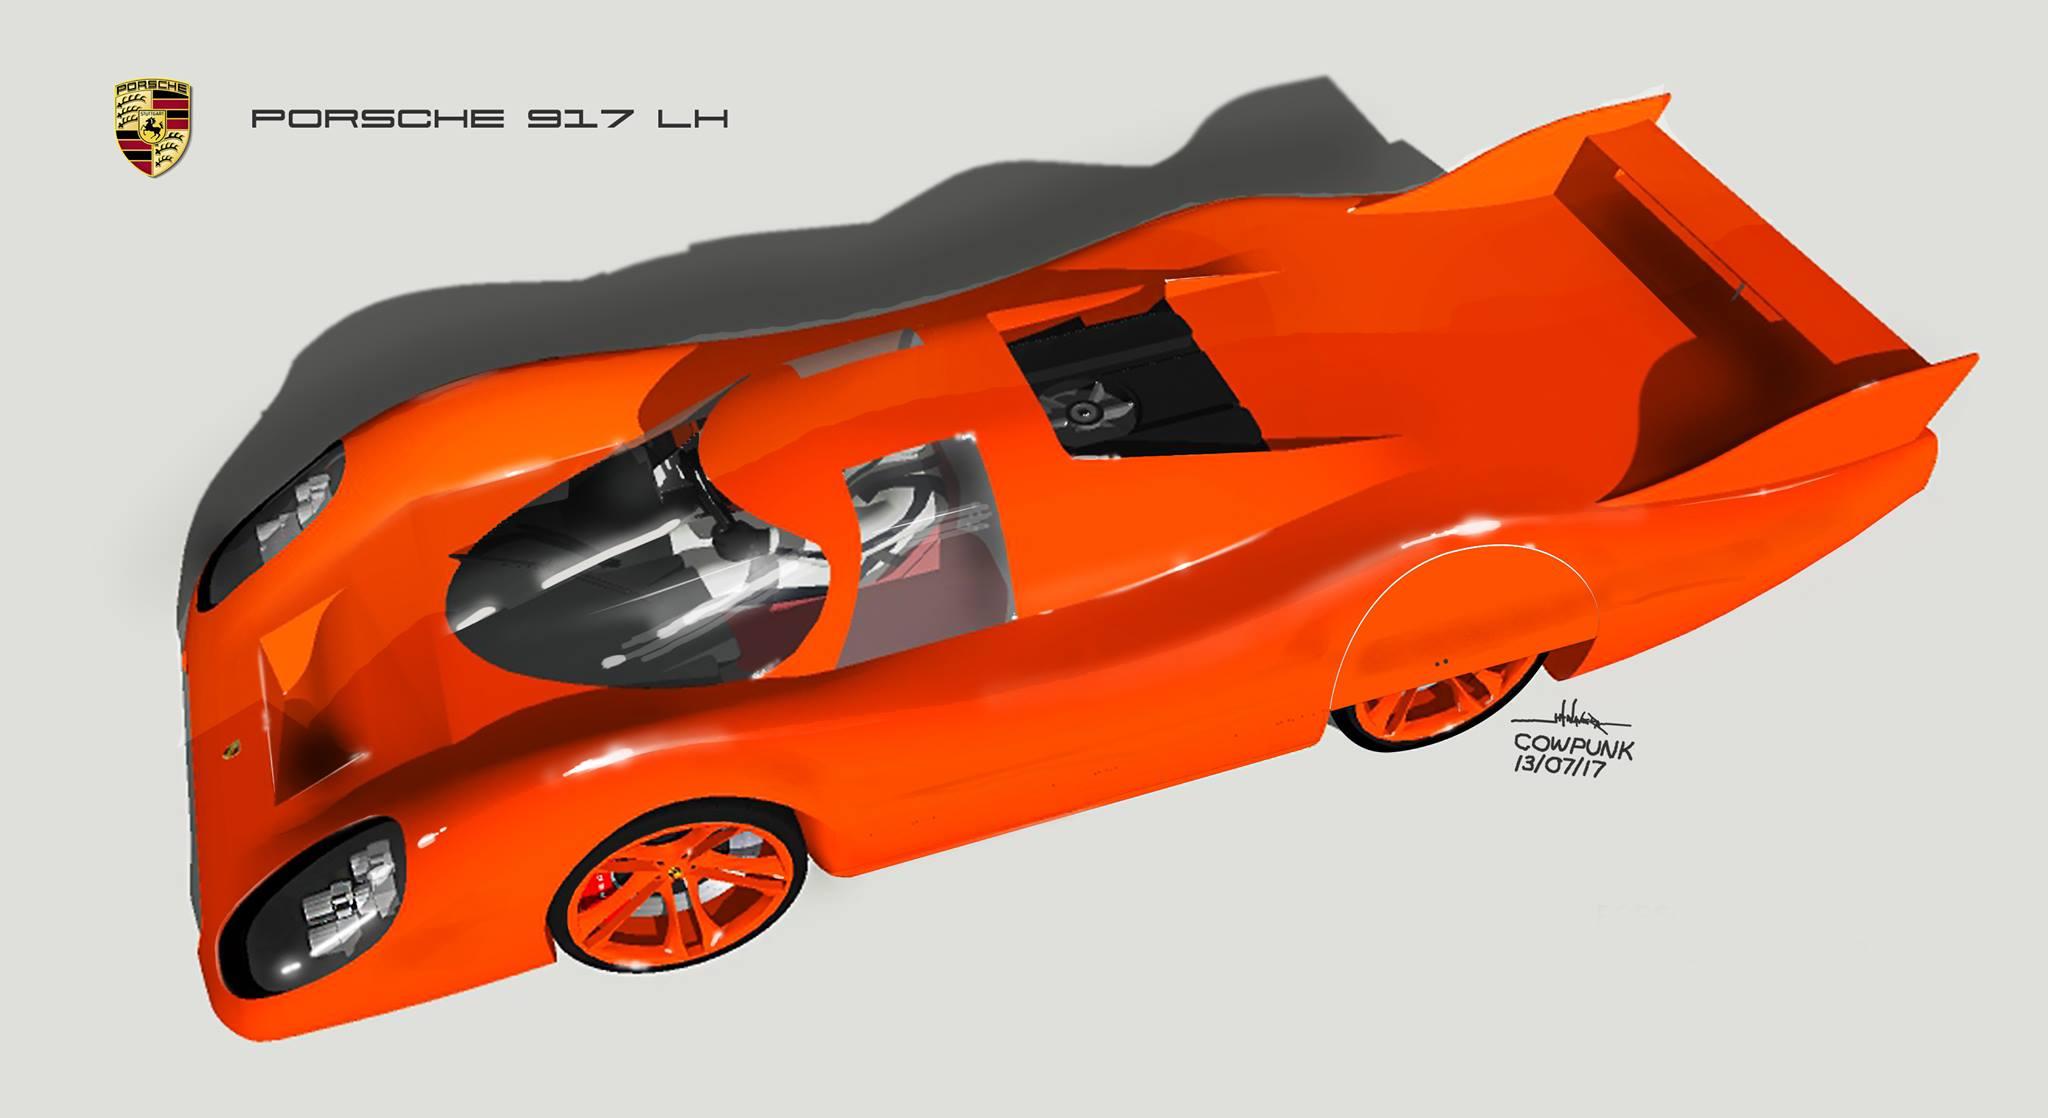 Porsche 917 LH Concept